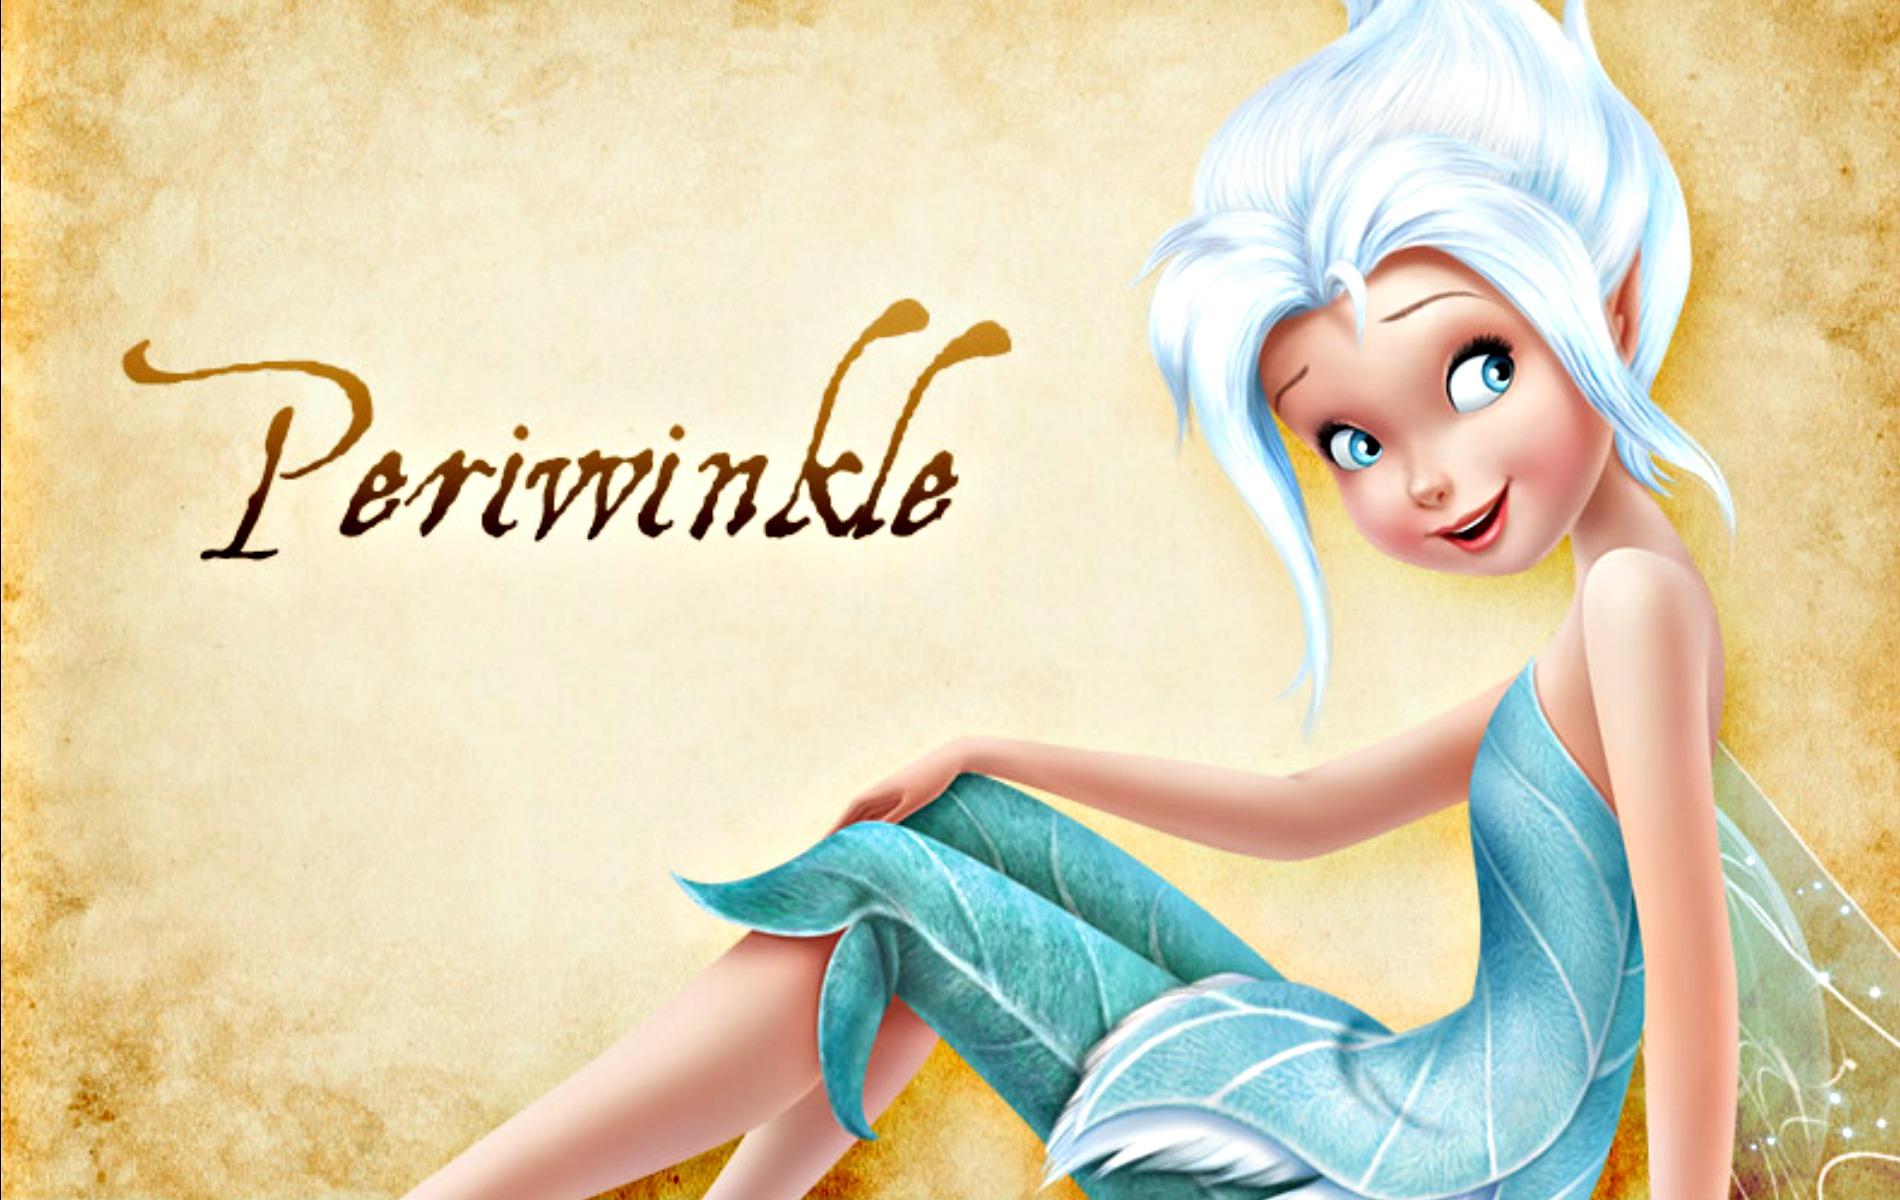 Disney fairies sex hentia images